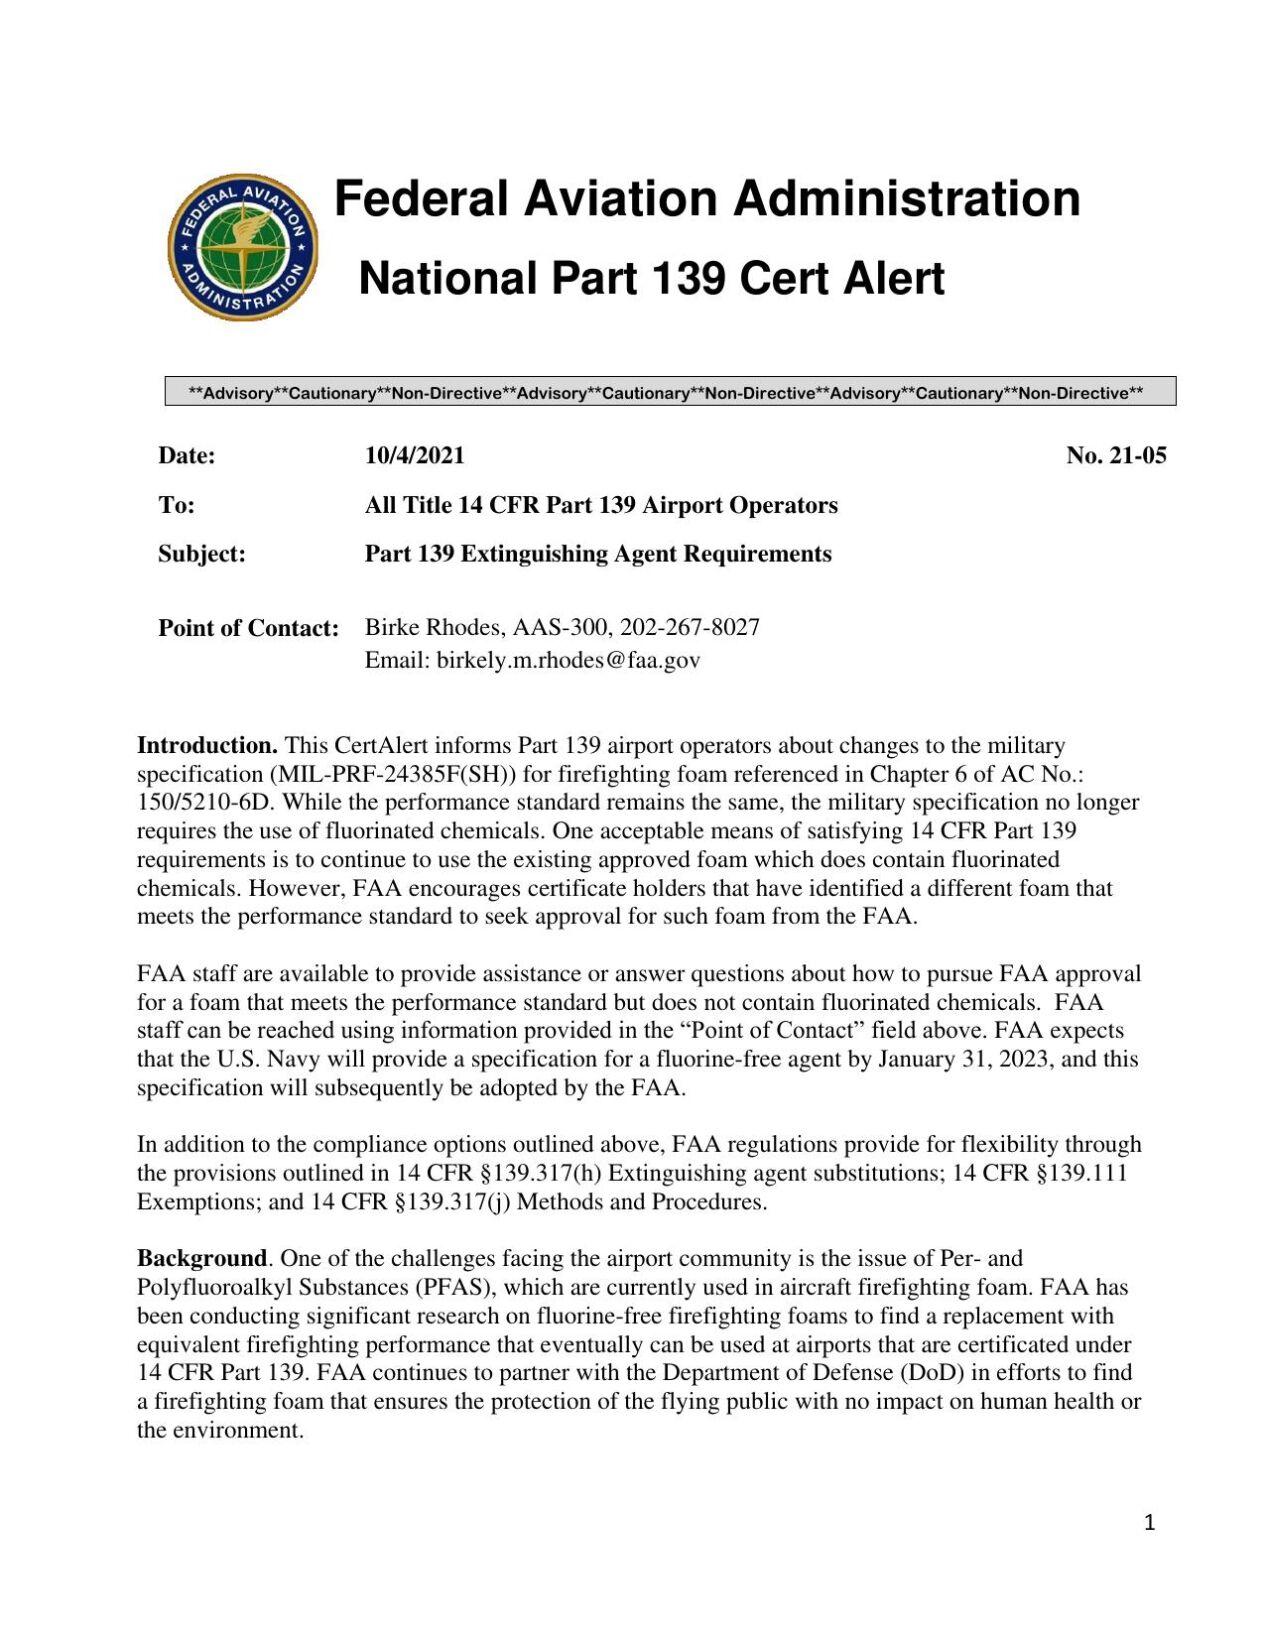 FAA National Part 139 Cert Alert